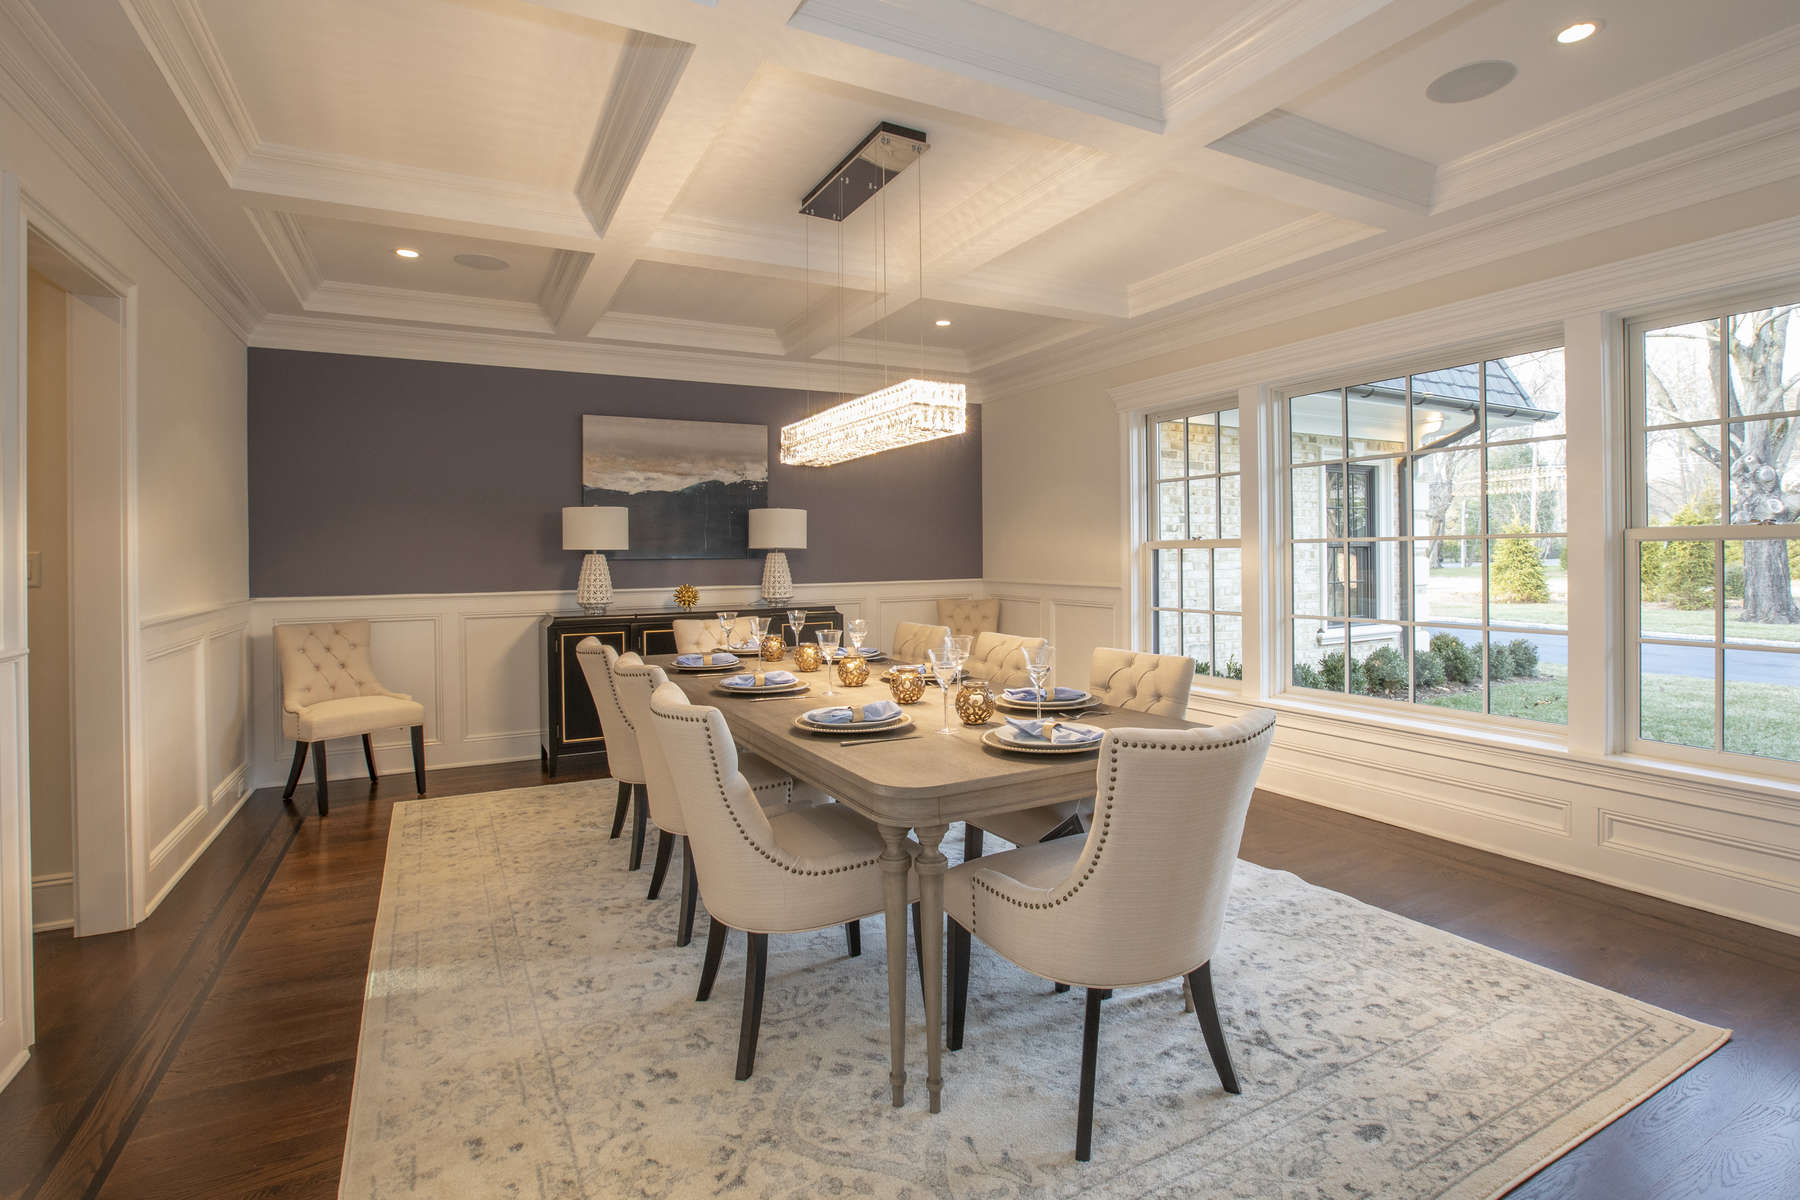 012_Dining-Room-